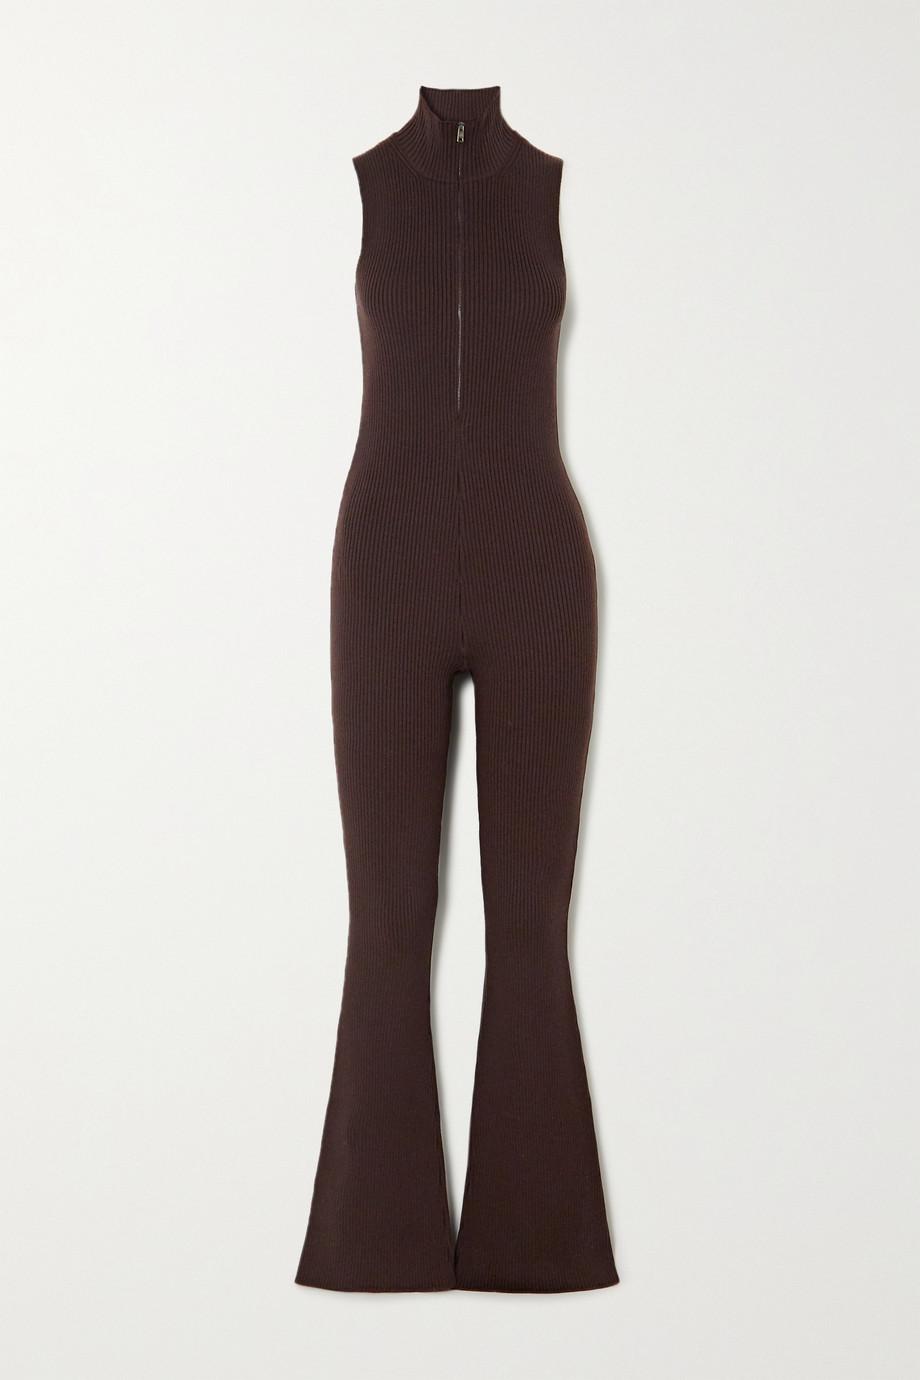 Prada Combi-pantalon en laine mélangée côtelée